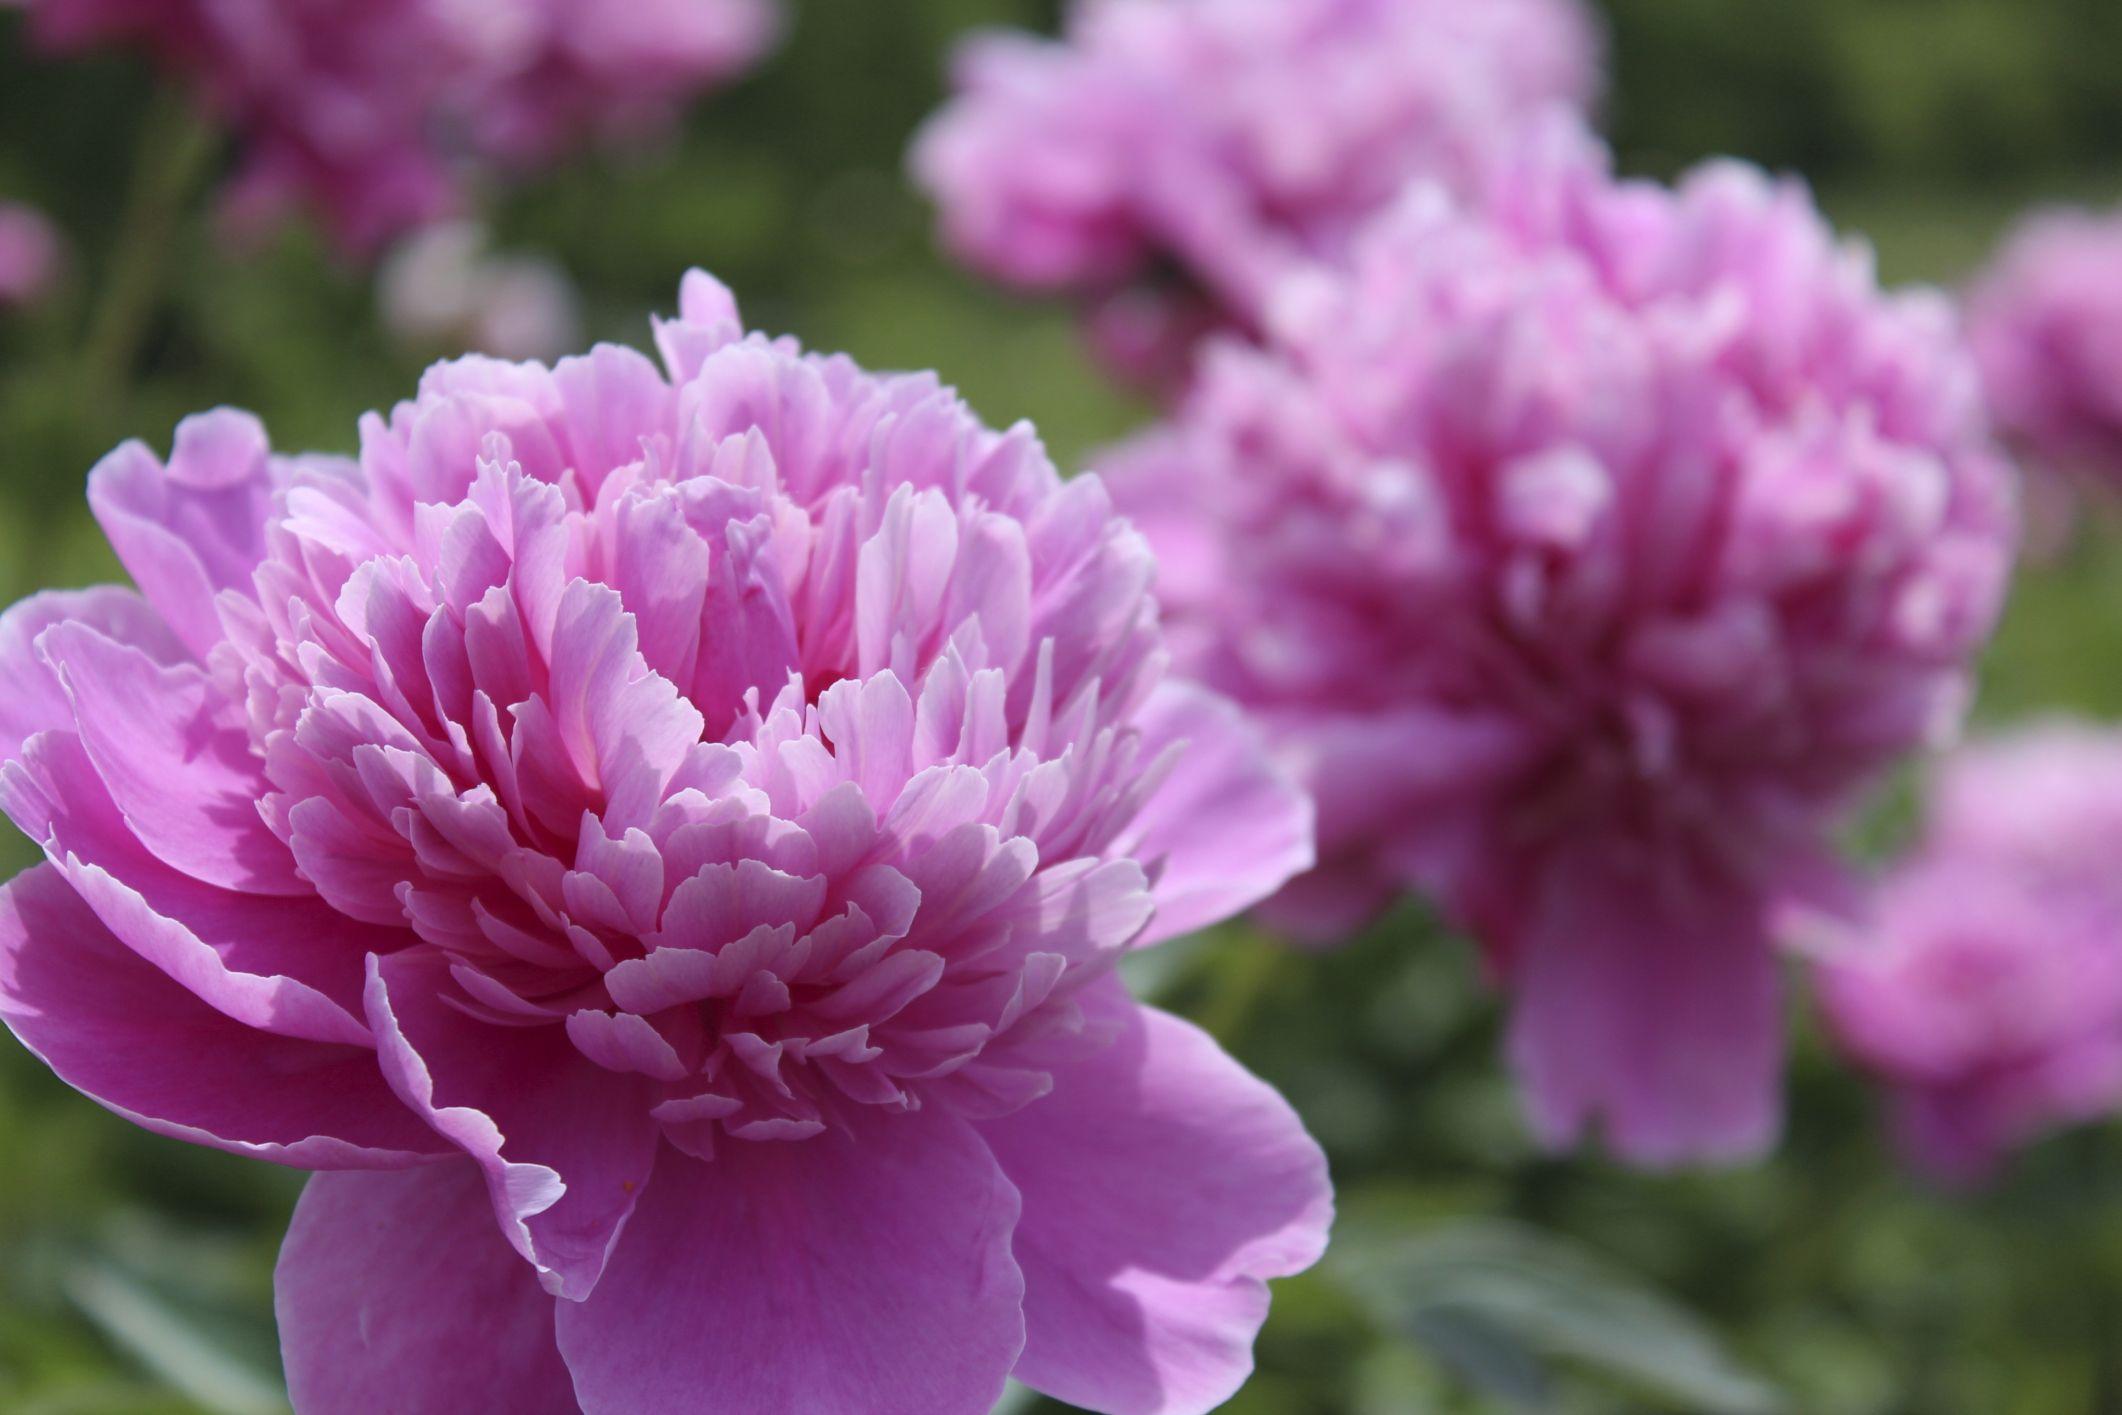 Pfingstrosen - Pflanzen Und Pflegen | Blumen | Pinterest Pflege Von Chrysanthemen Zucht Andere Ideen